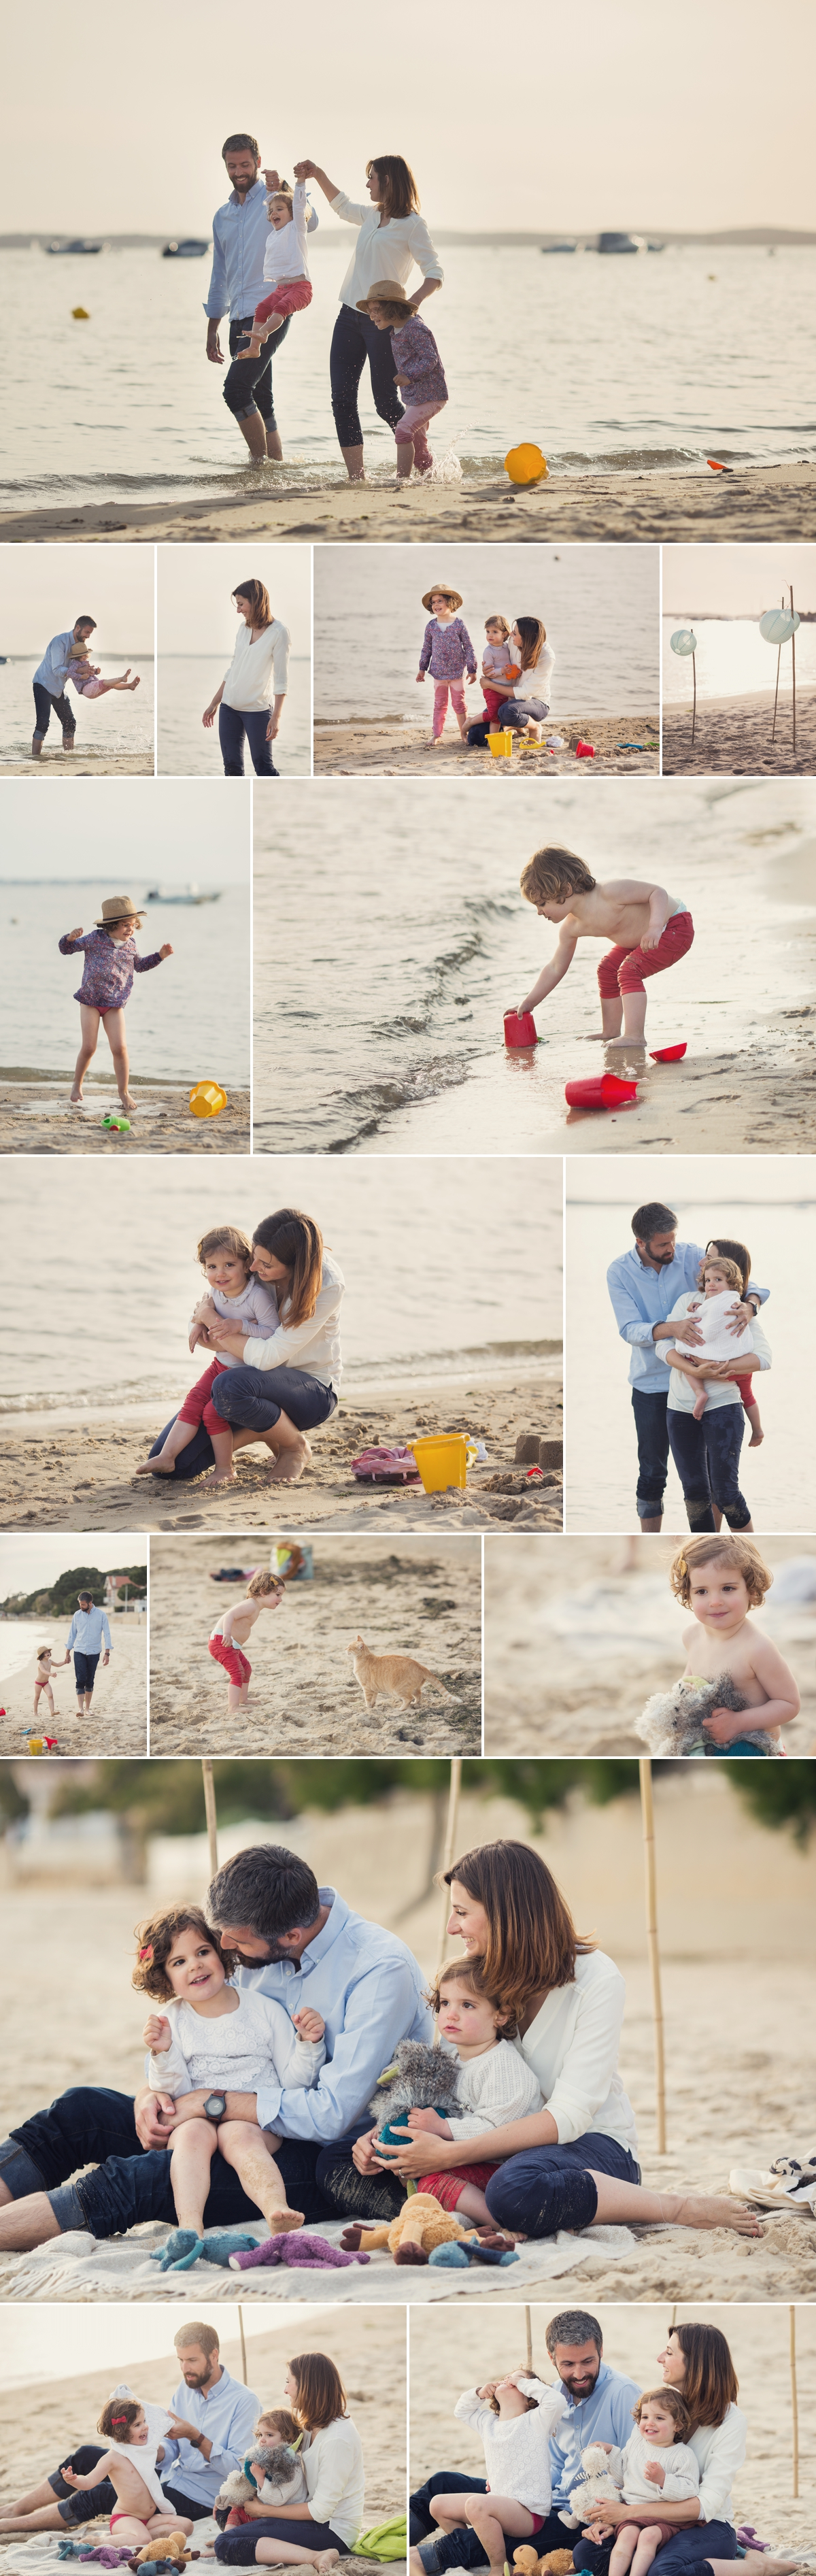 séance famille à la plage, mer